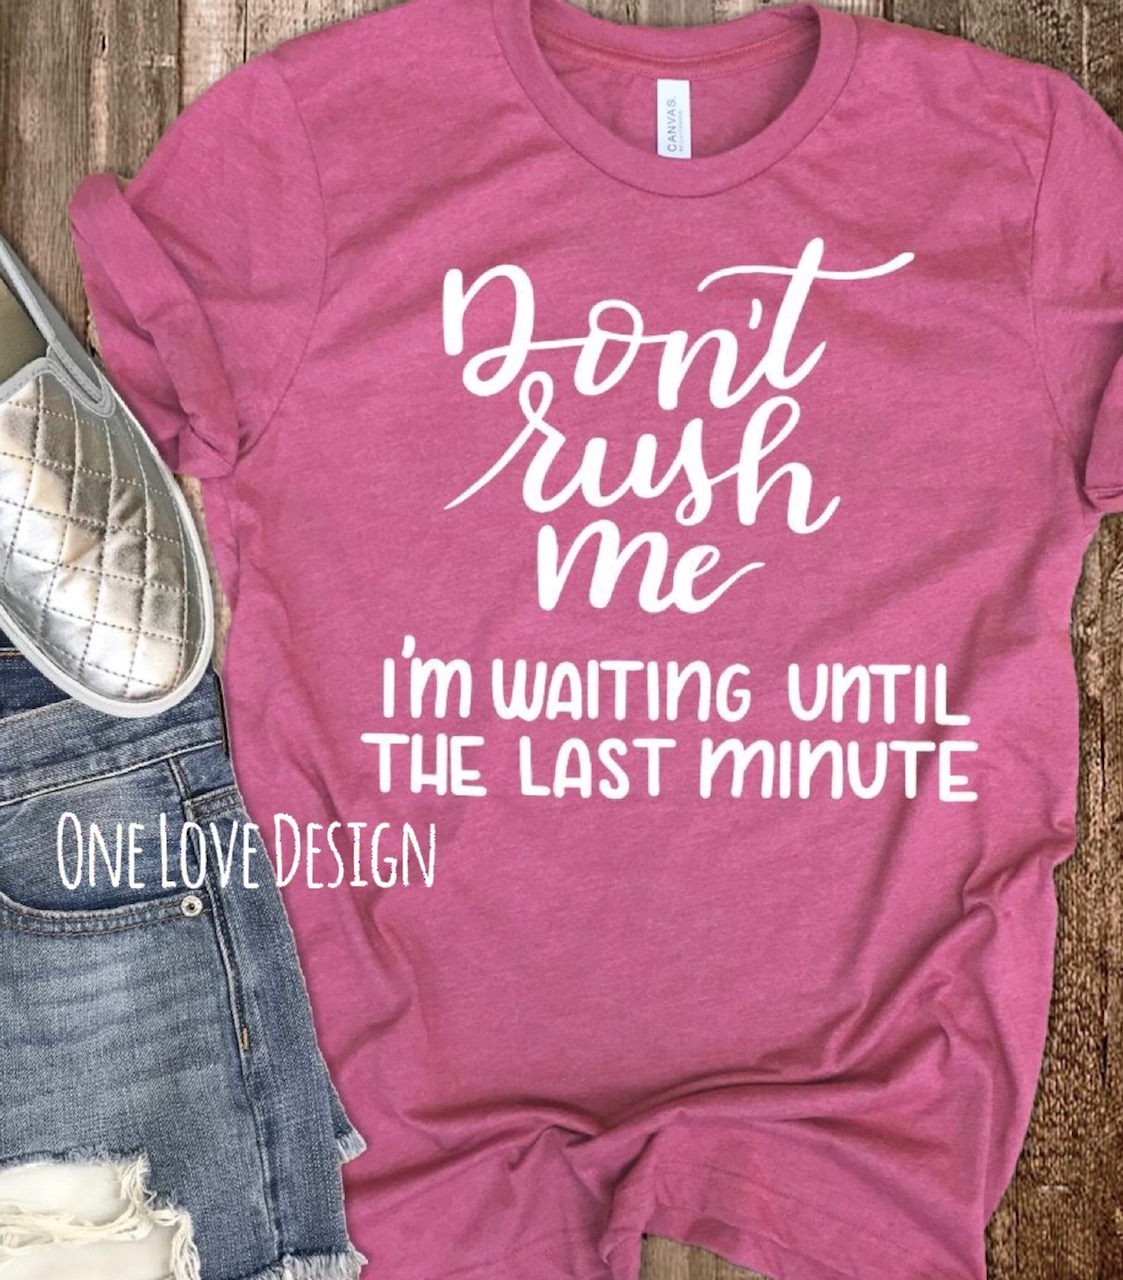 Don't rush me tee